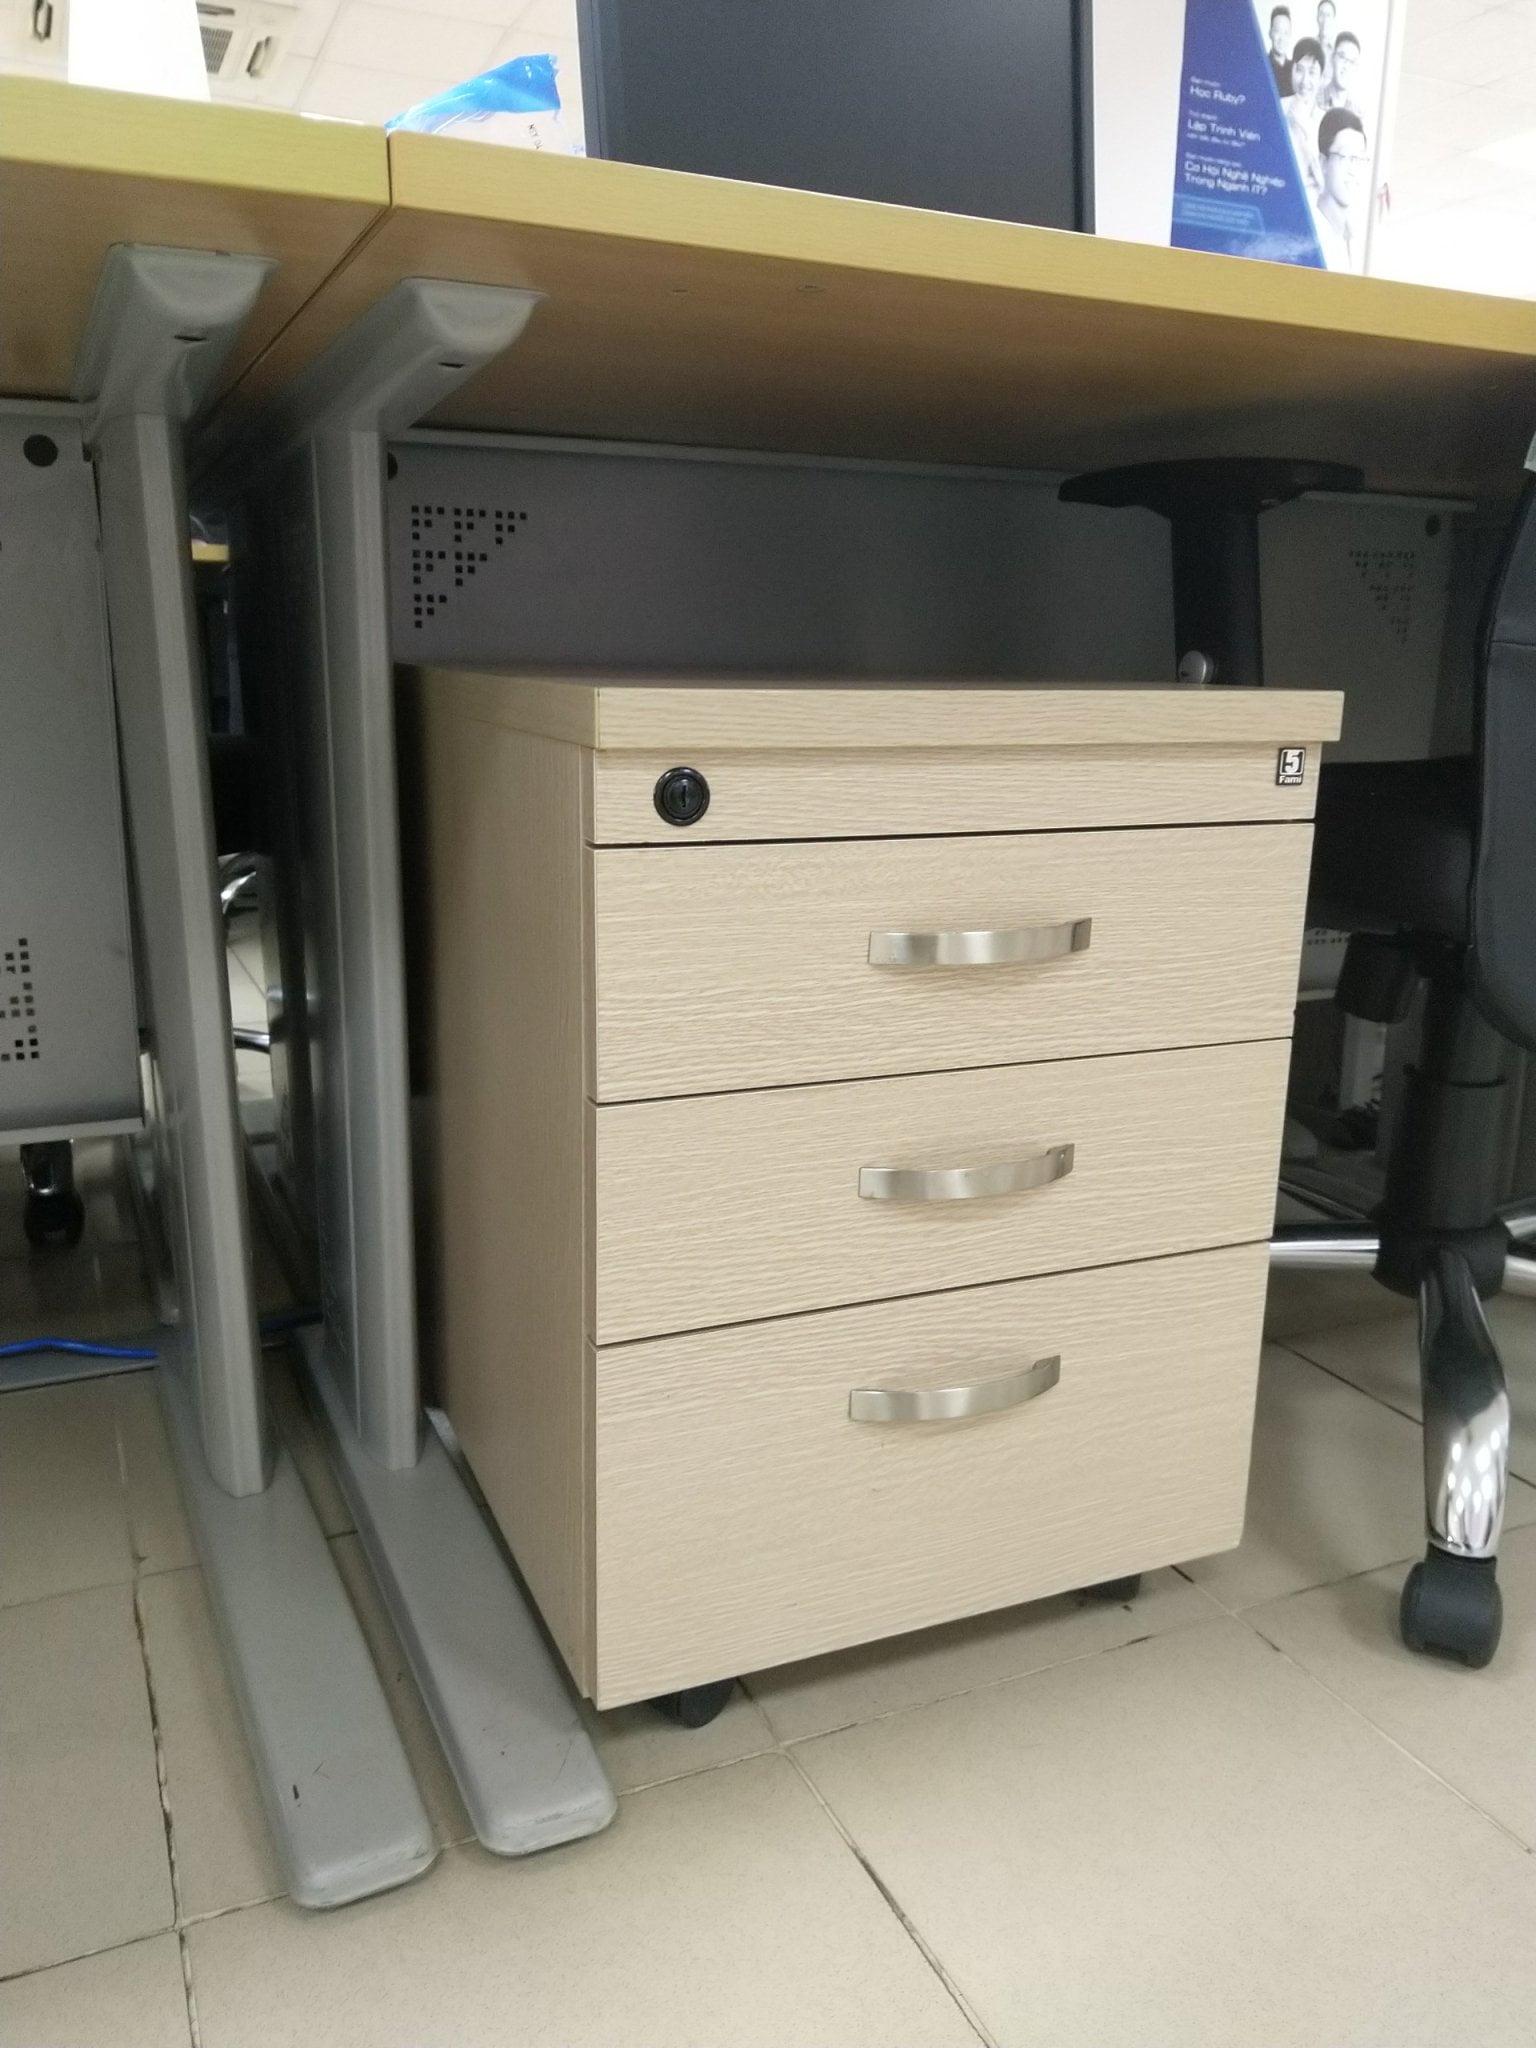 Thanh lý tủ văn phòng Bắc Giang Giá Rẻ Nhất - Chất lượng tốt